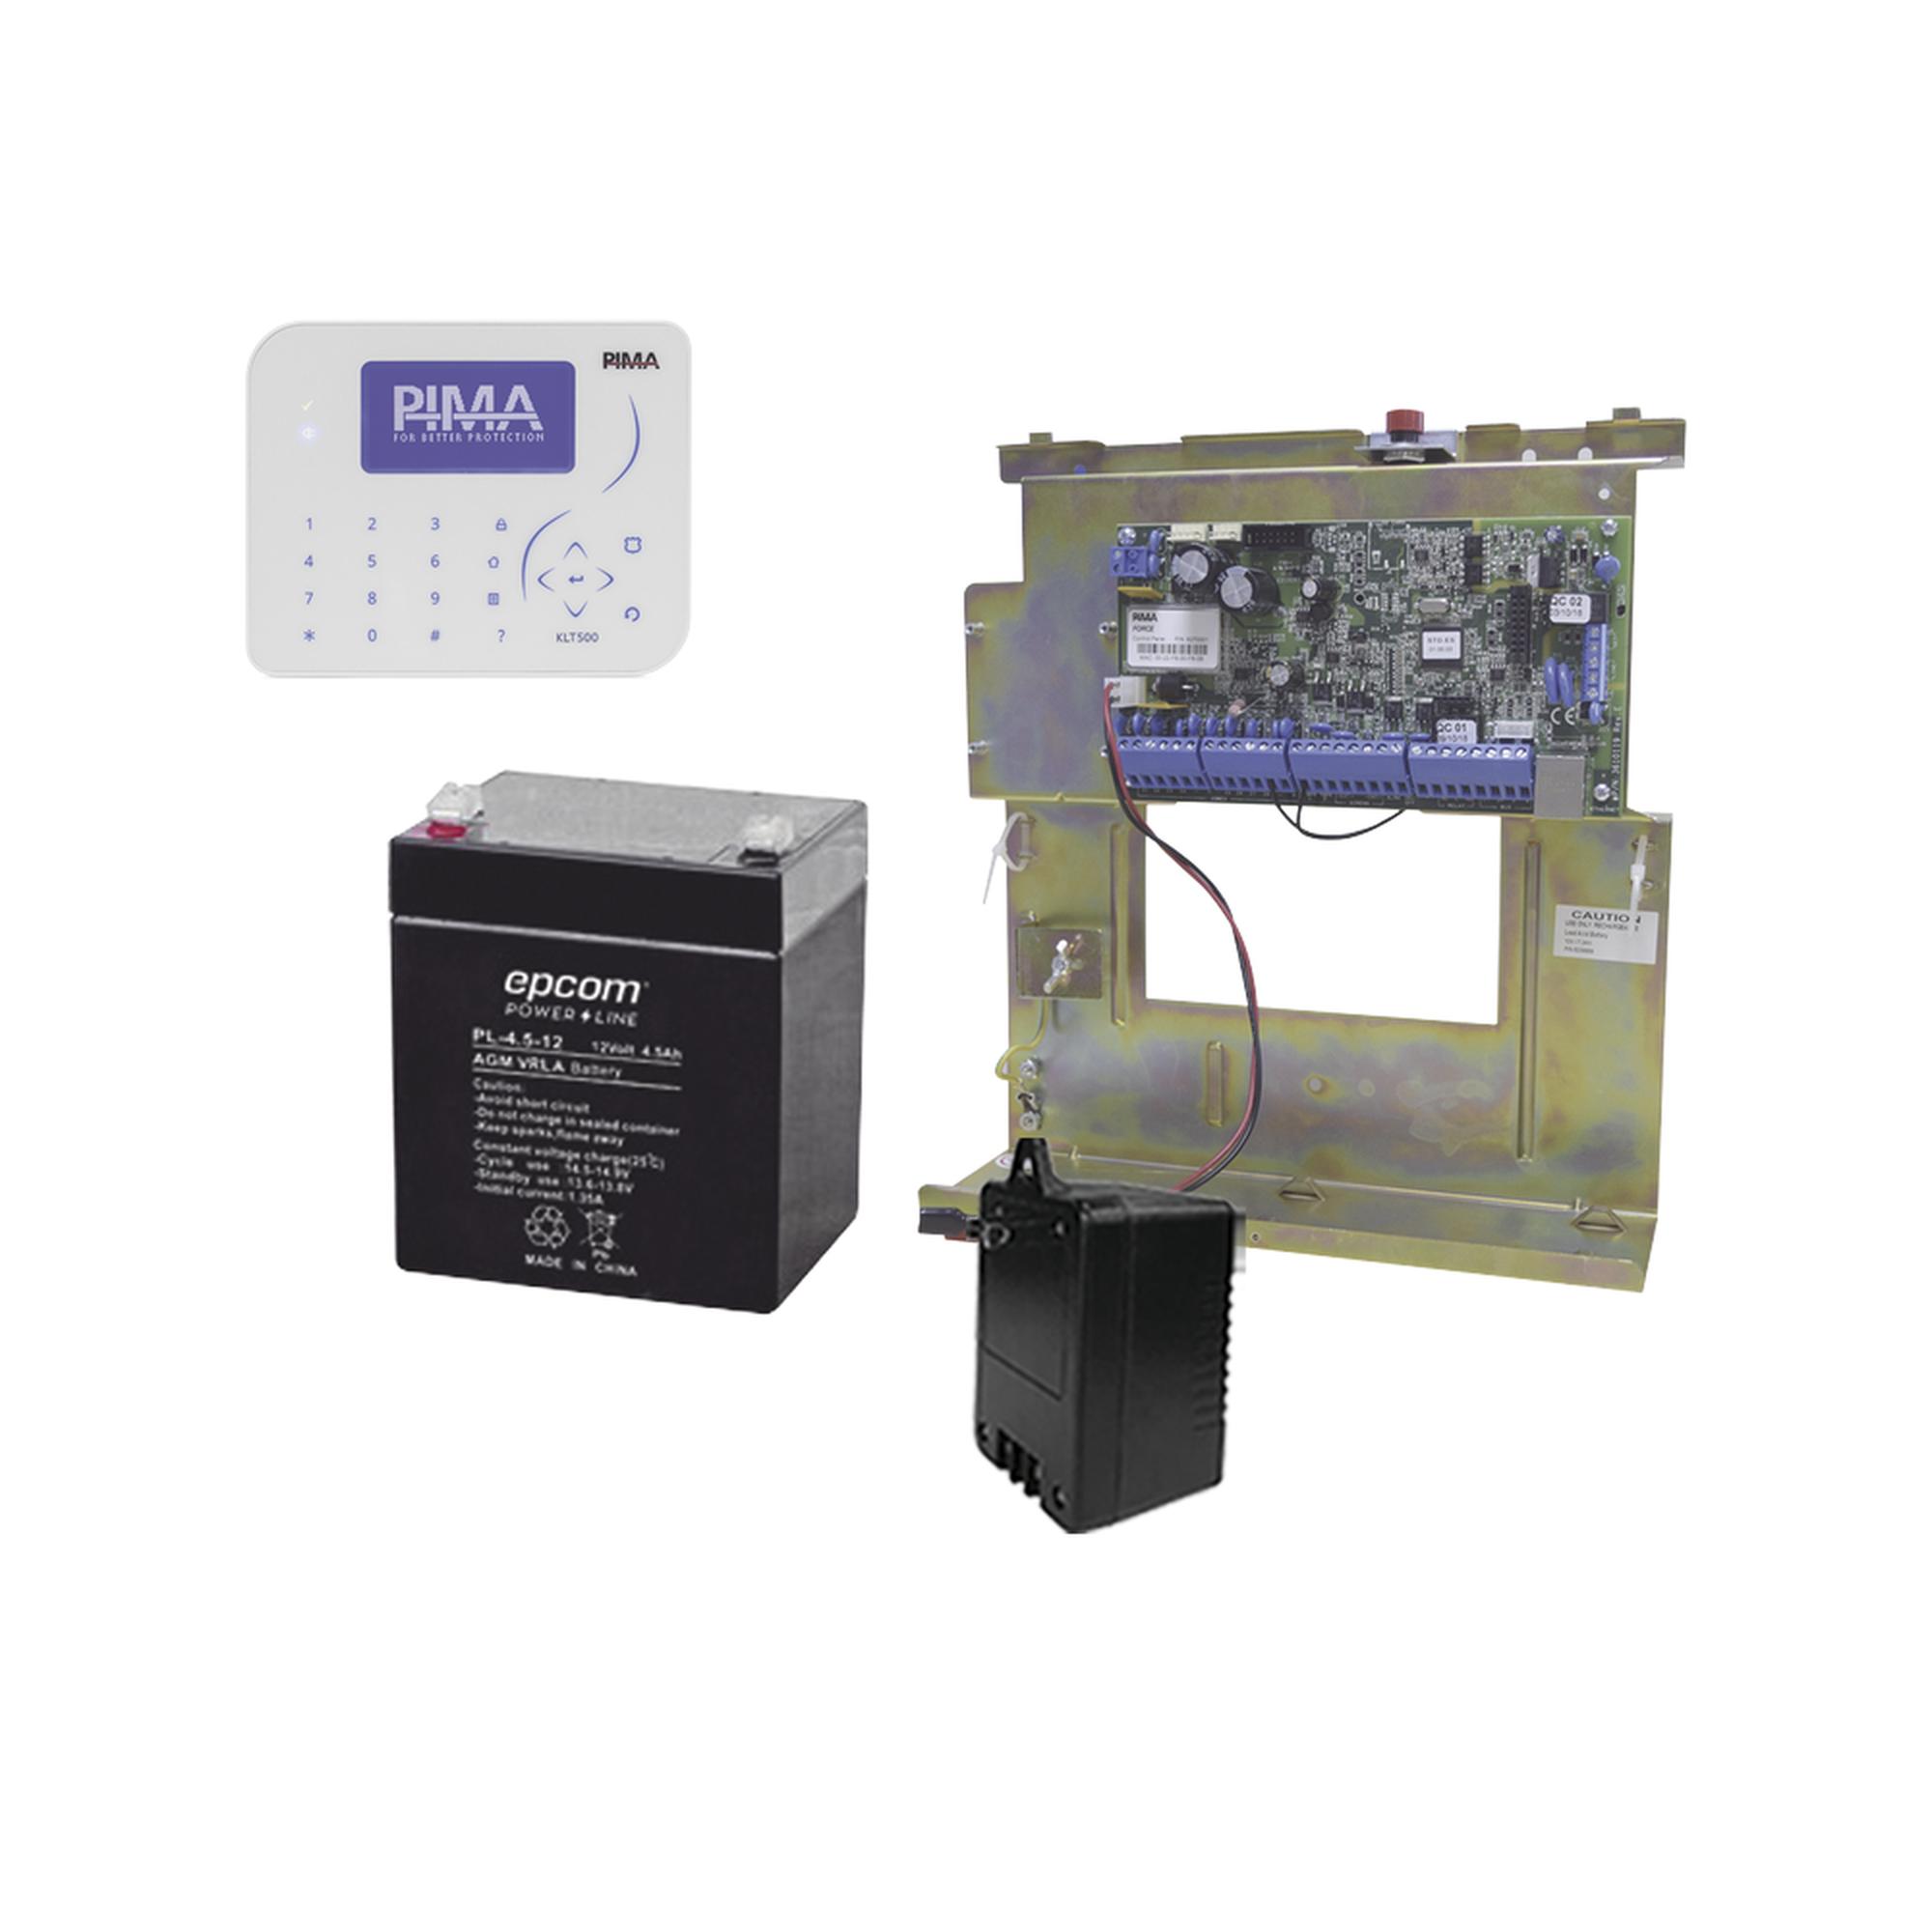 Sistema de Alarma, Panel Hibrido 8 a 144 Zonas, Conexion IP con App PIMALINK3.0 ?Gratis!